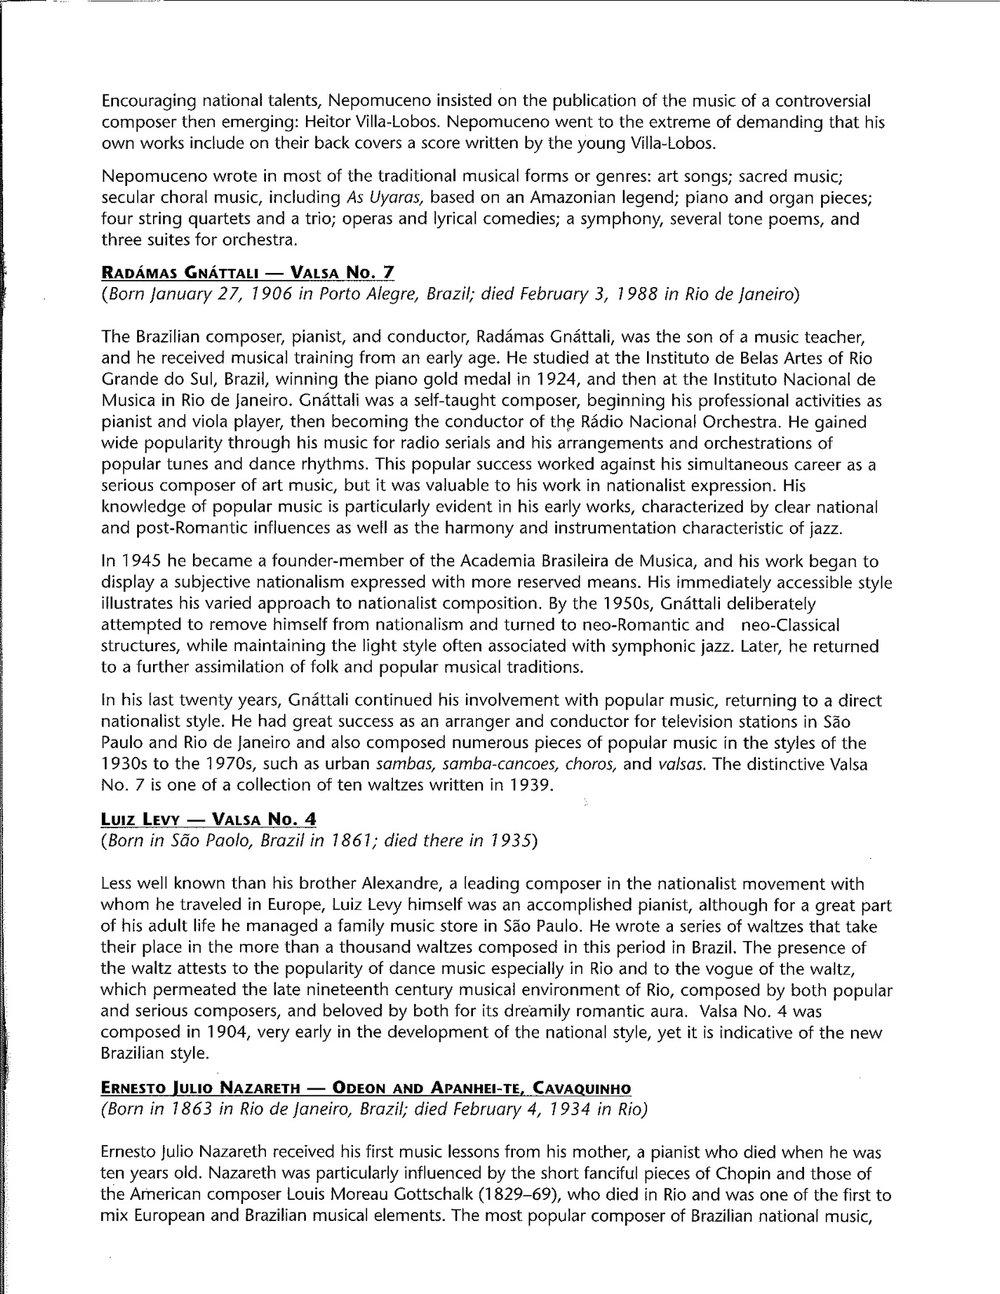 Cohen02-03_Program7.jpg